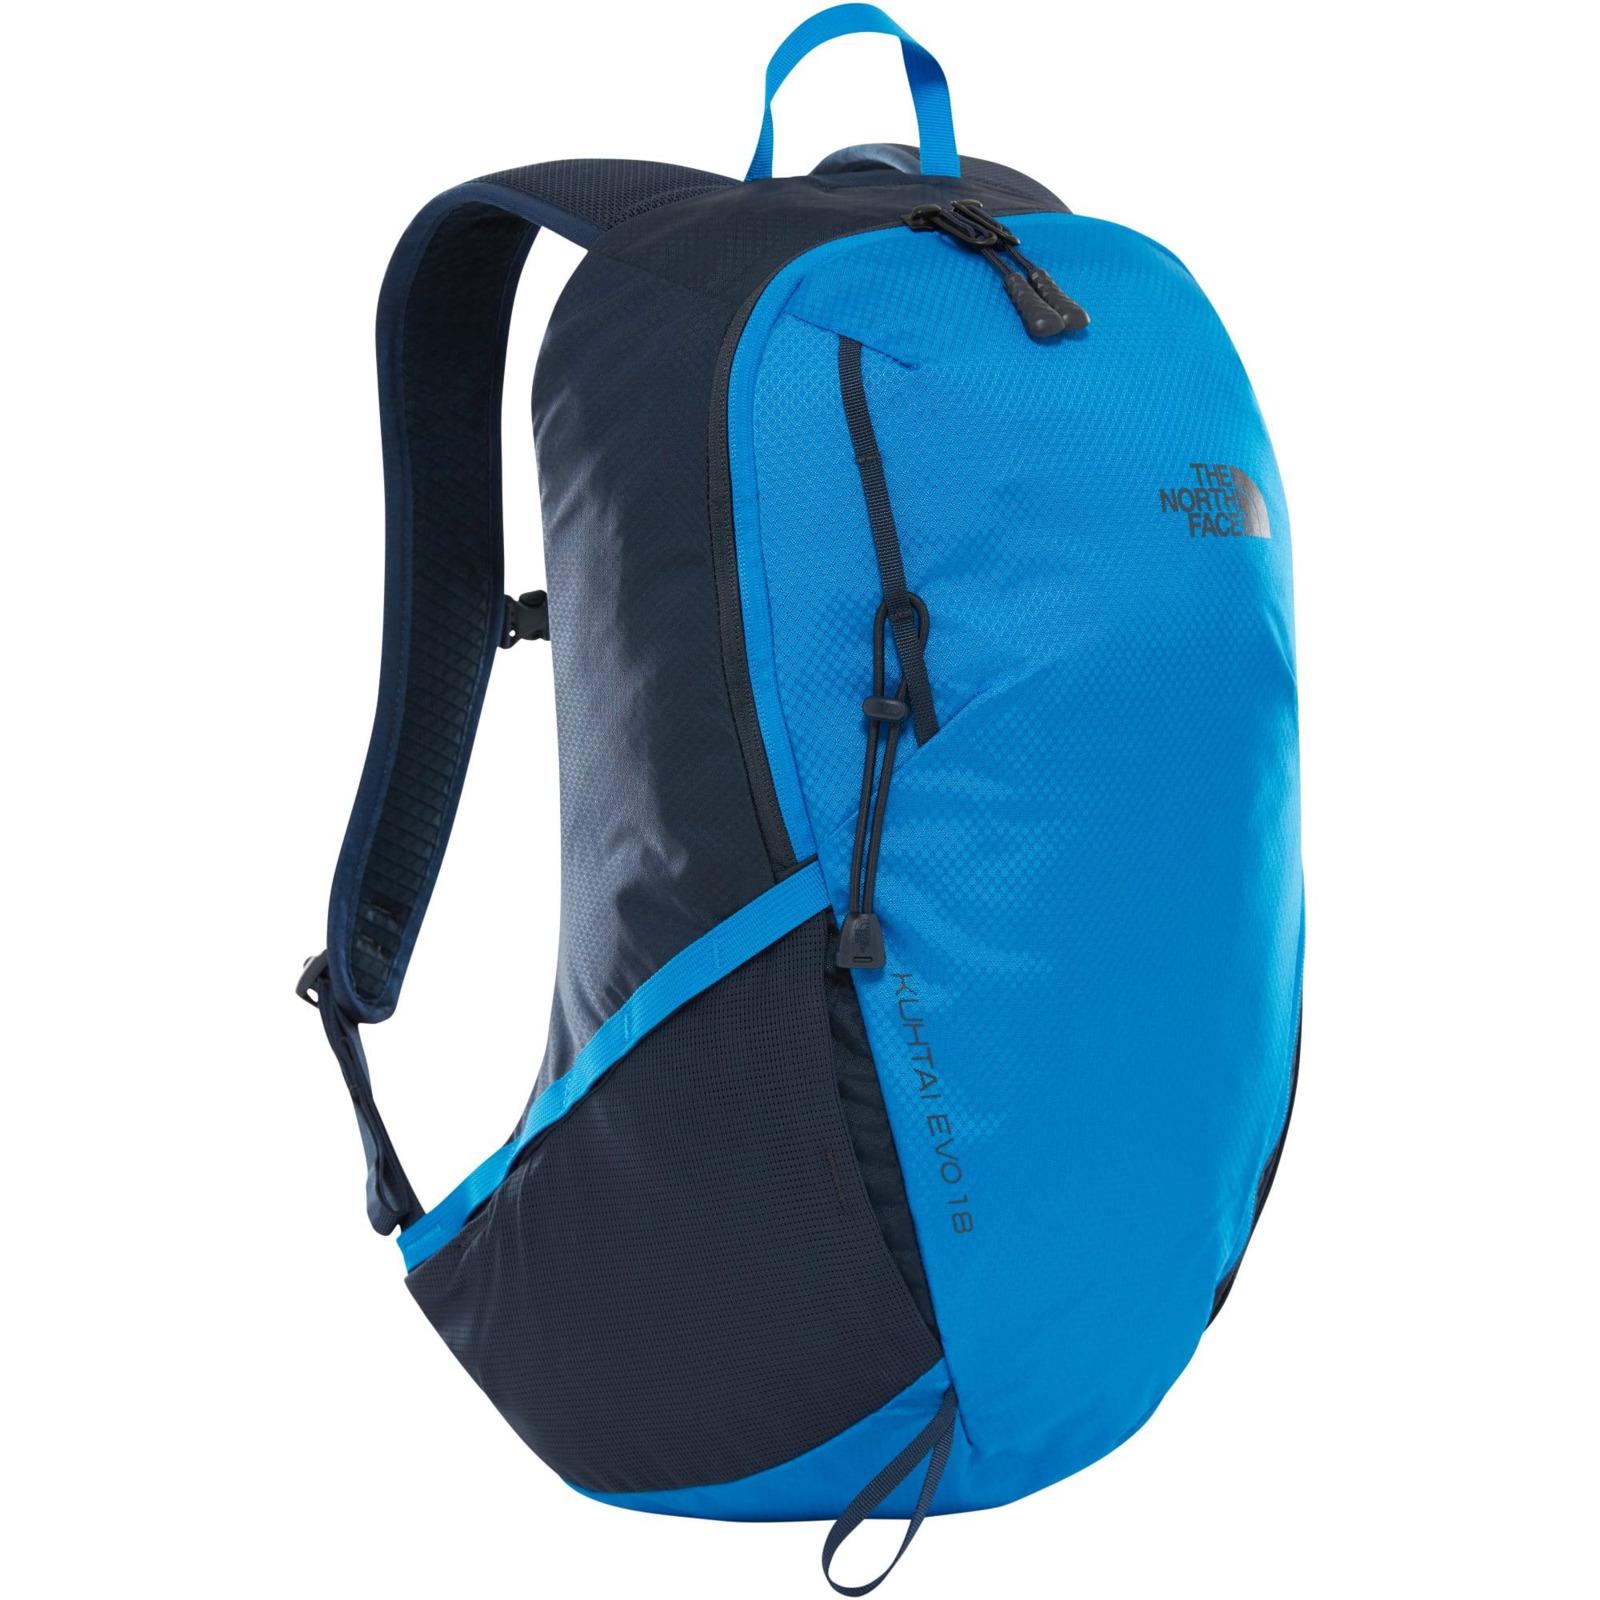 Рюкзак The North Face Kuhtai Evo, T93KX3LUU, ярко-синий, 18 л цена и фото